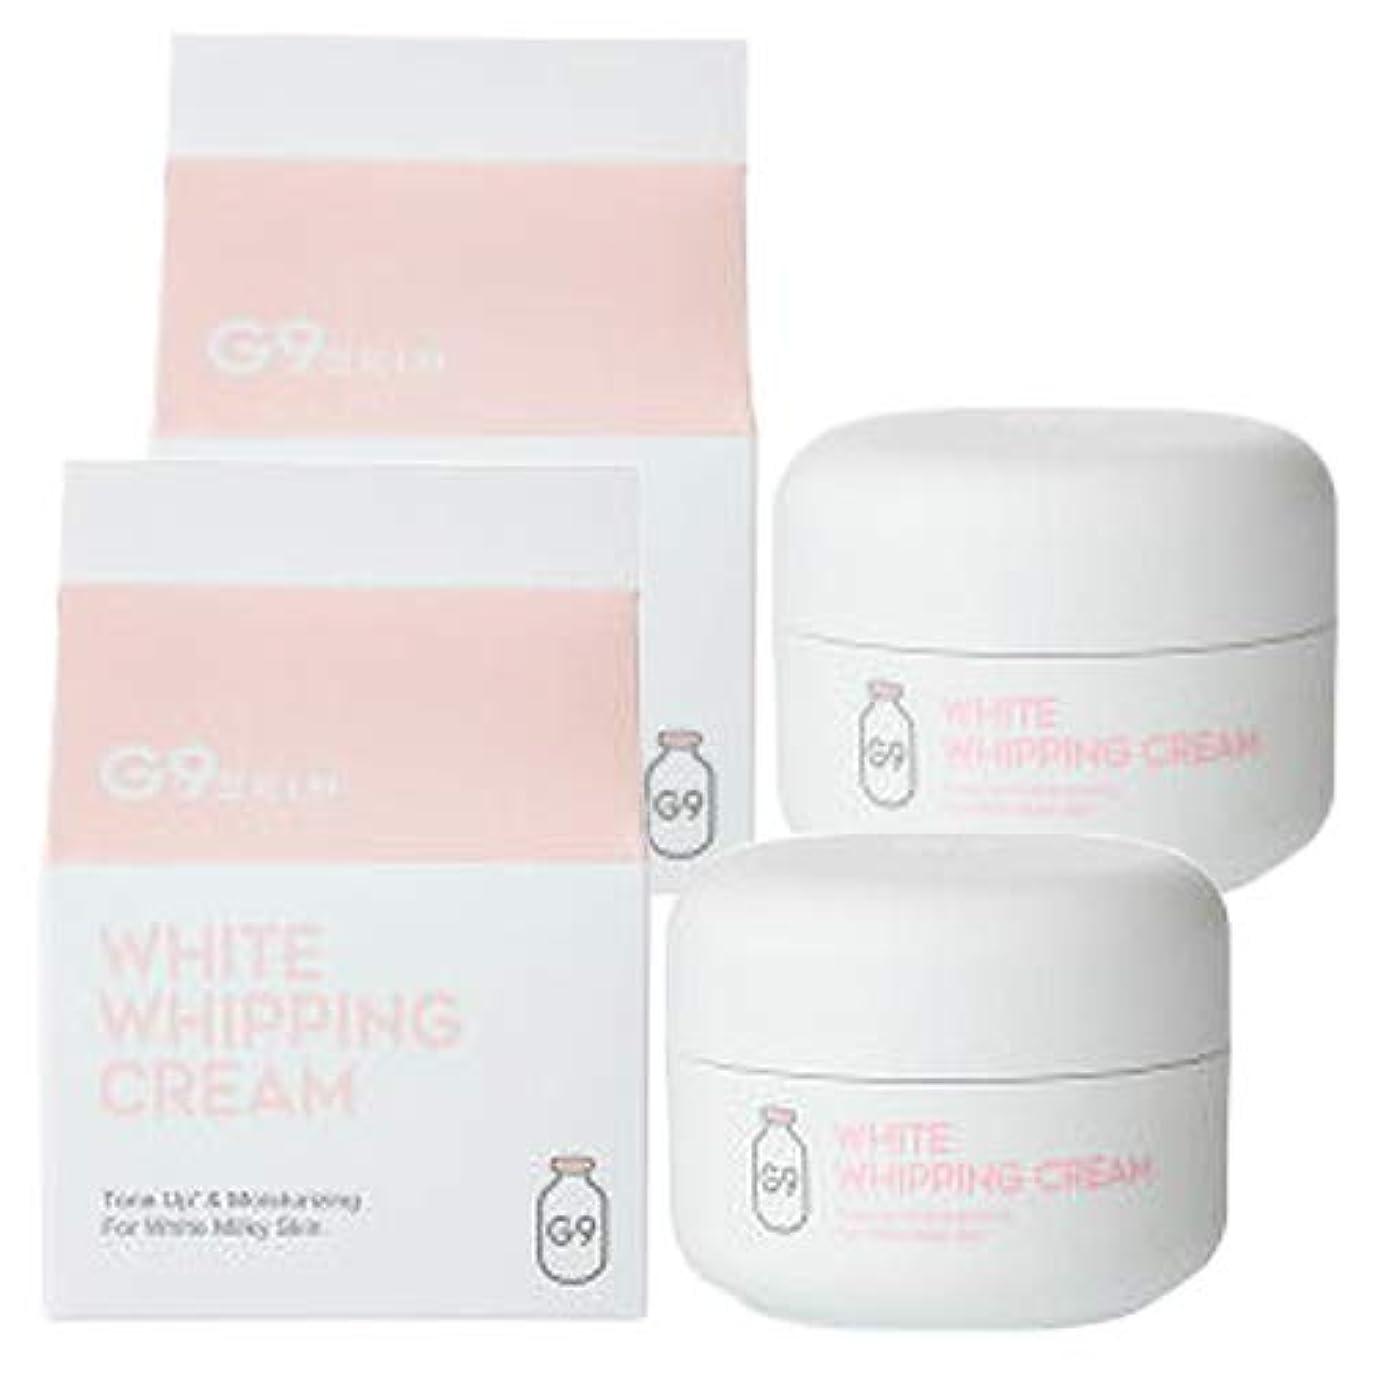 ムス公平なエンディングGR G9スキン ホワイト ホイッピング クリーム (50g) フェイスクリーム 2個セット